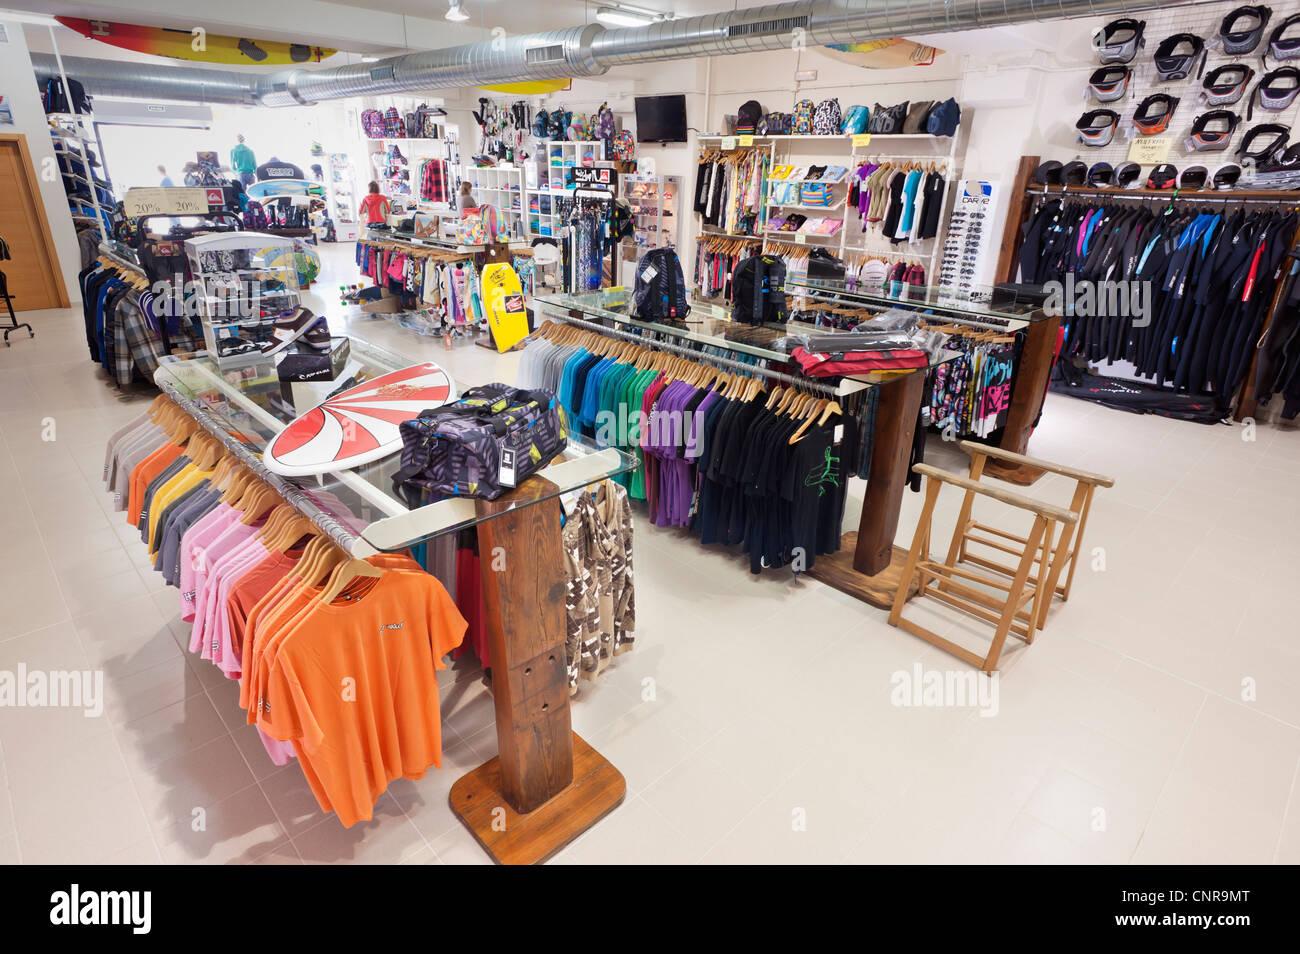 Shop in Tarifa, Cadiz, Andalusia, Spain. - Stock Image